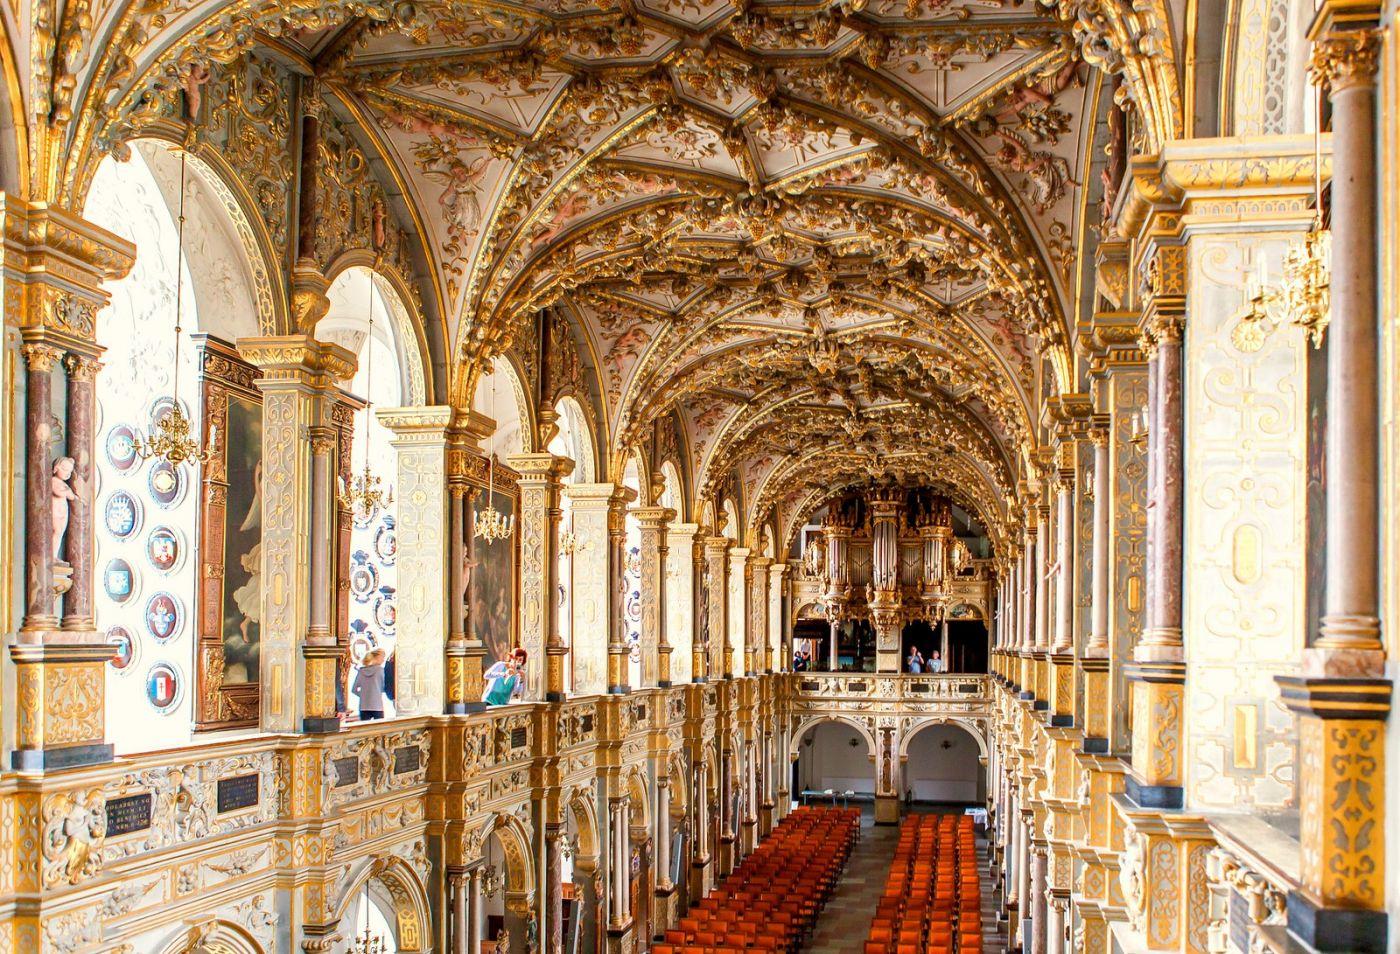 丹麦腓特烈堡城堡,很惊叹主厅吊顶_图1-8